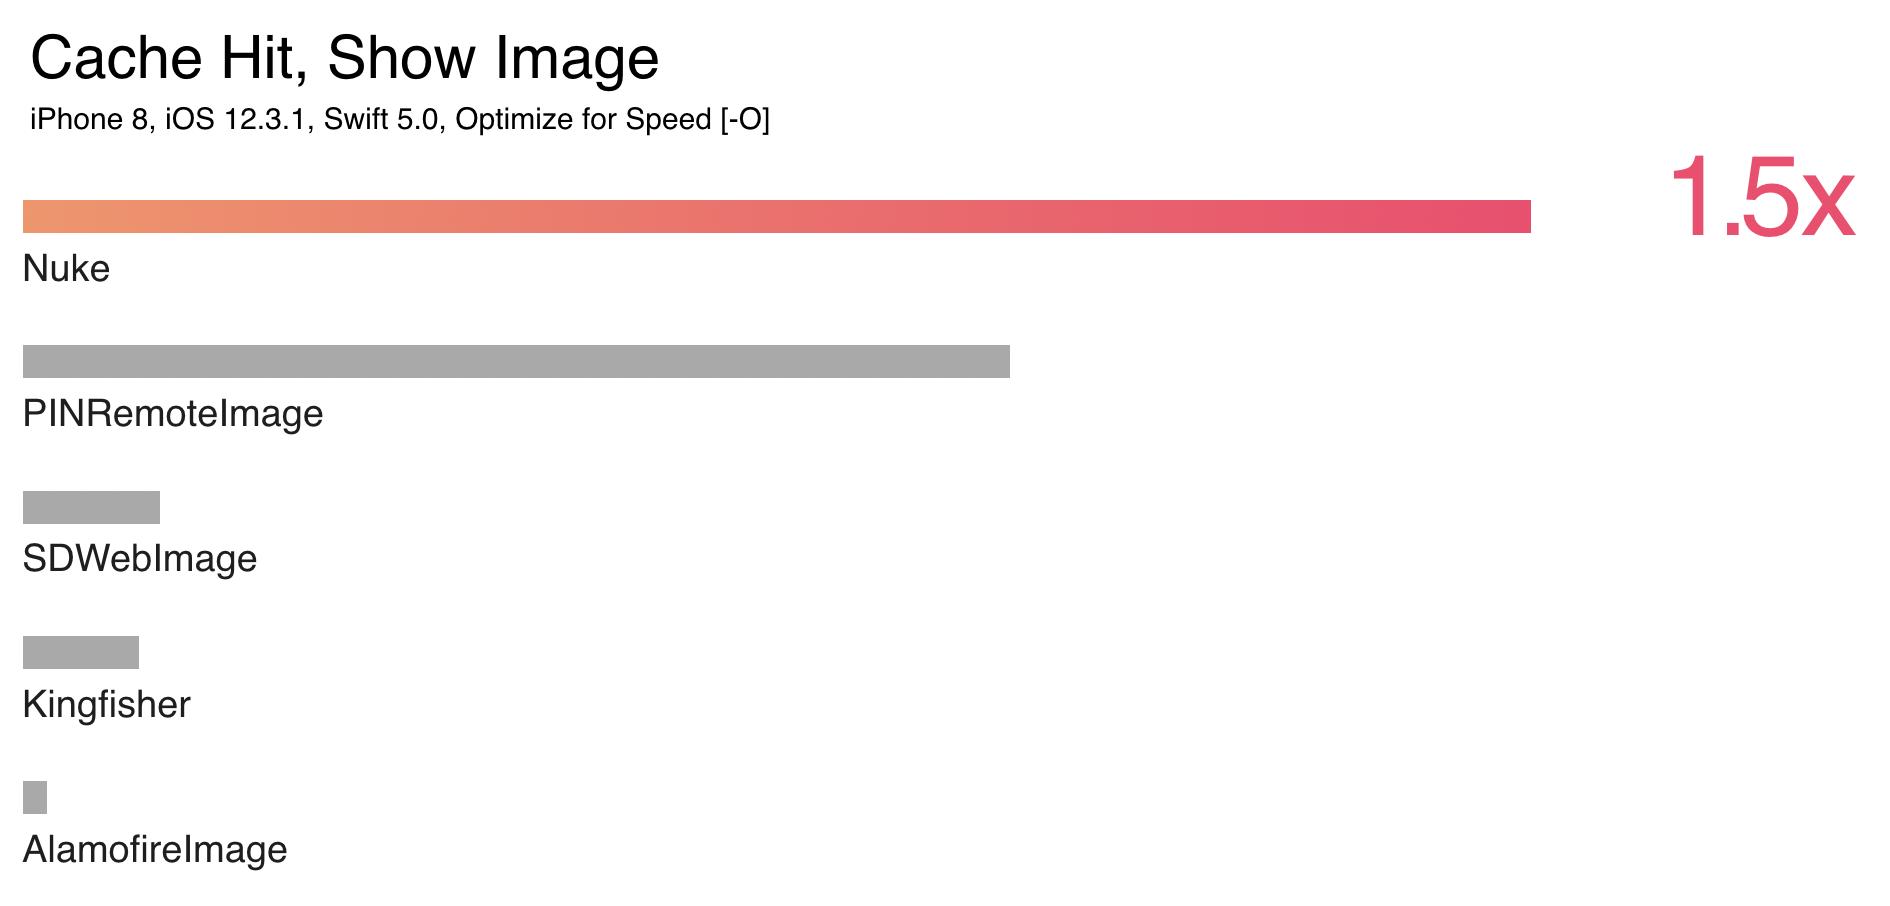 GitHub - kean/Image-Frameworks-Benchmark